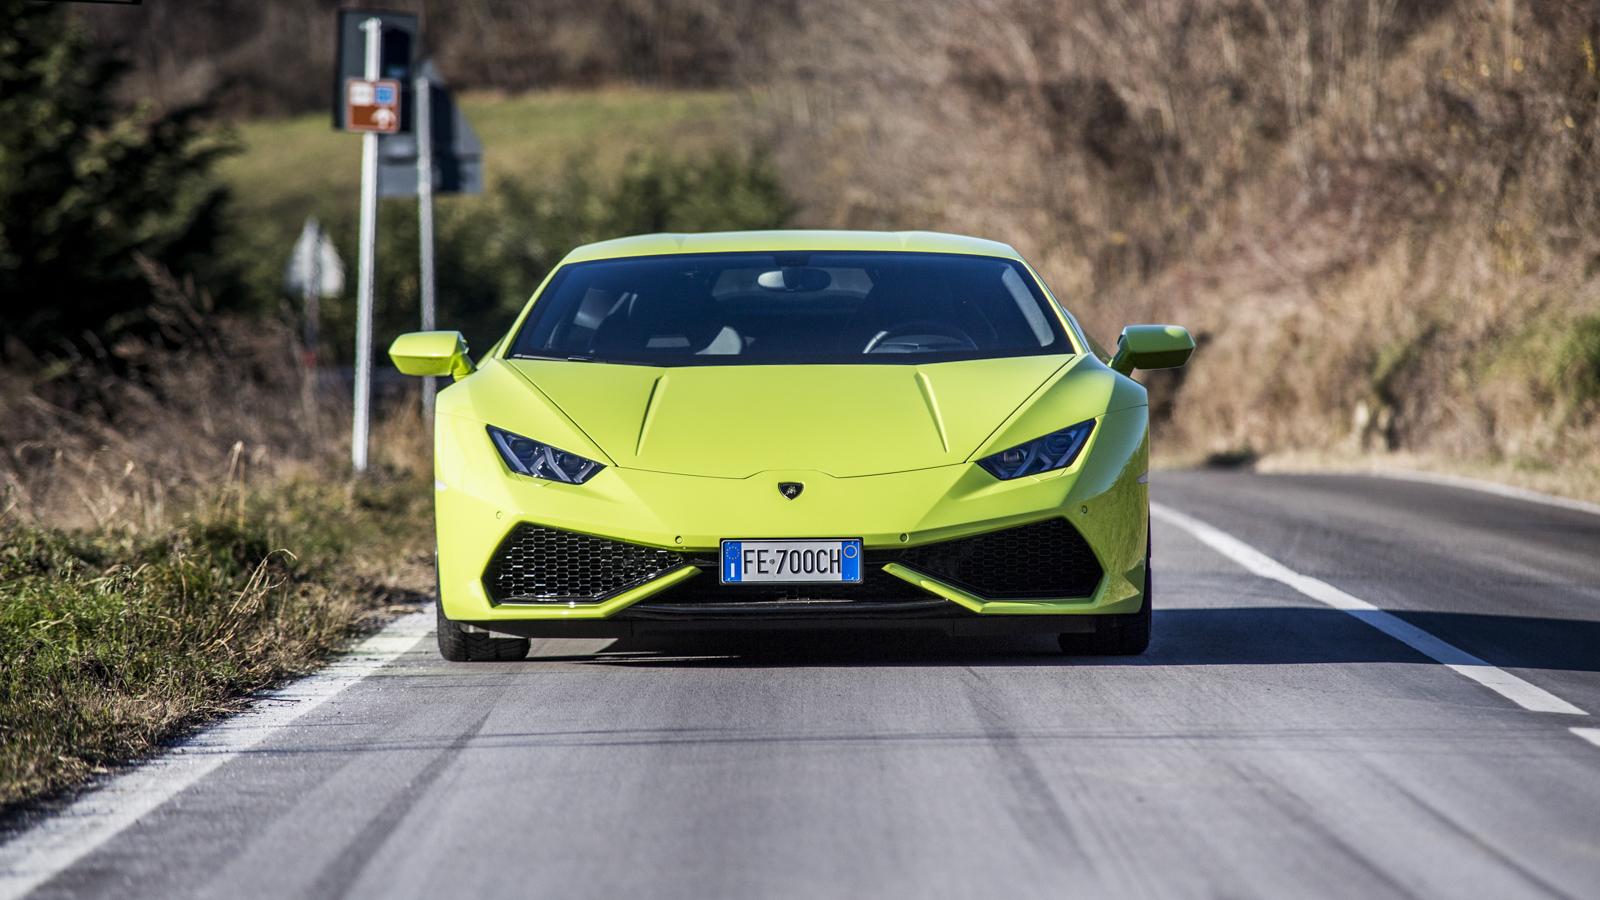 Test_Drive_Lamborghini_Huracan_LP610-4_17